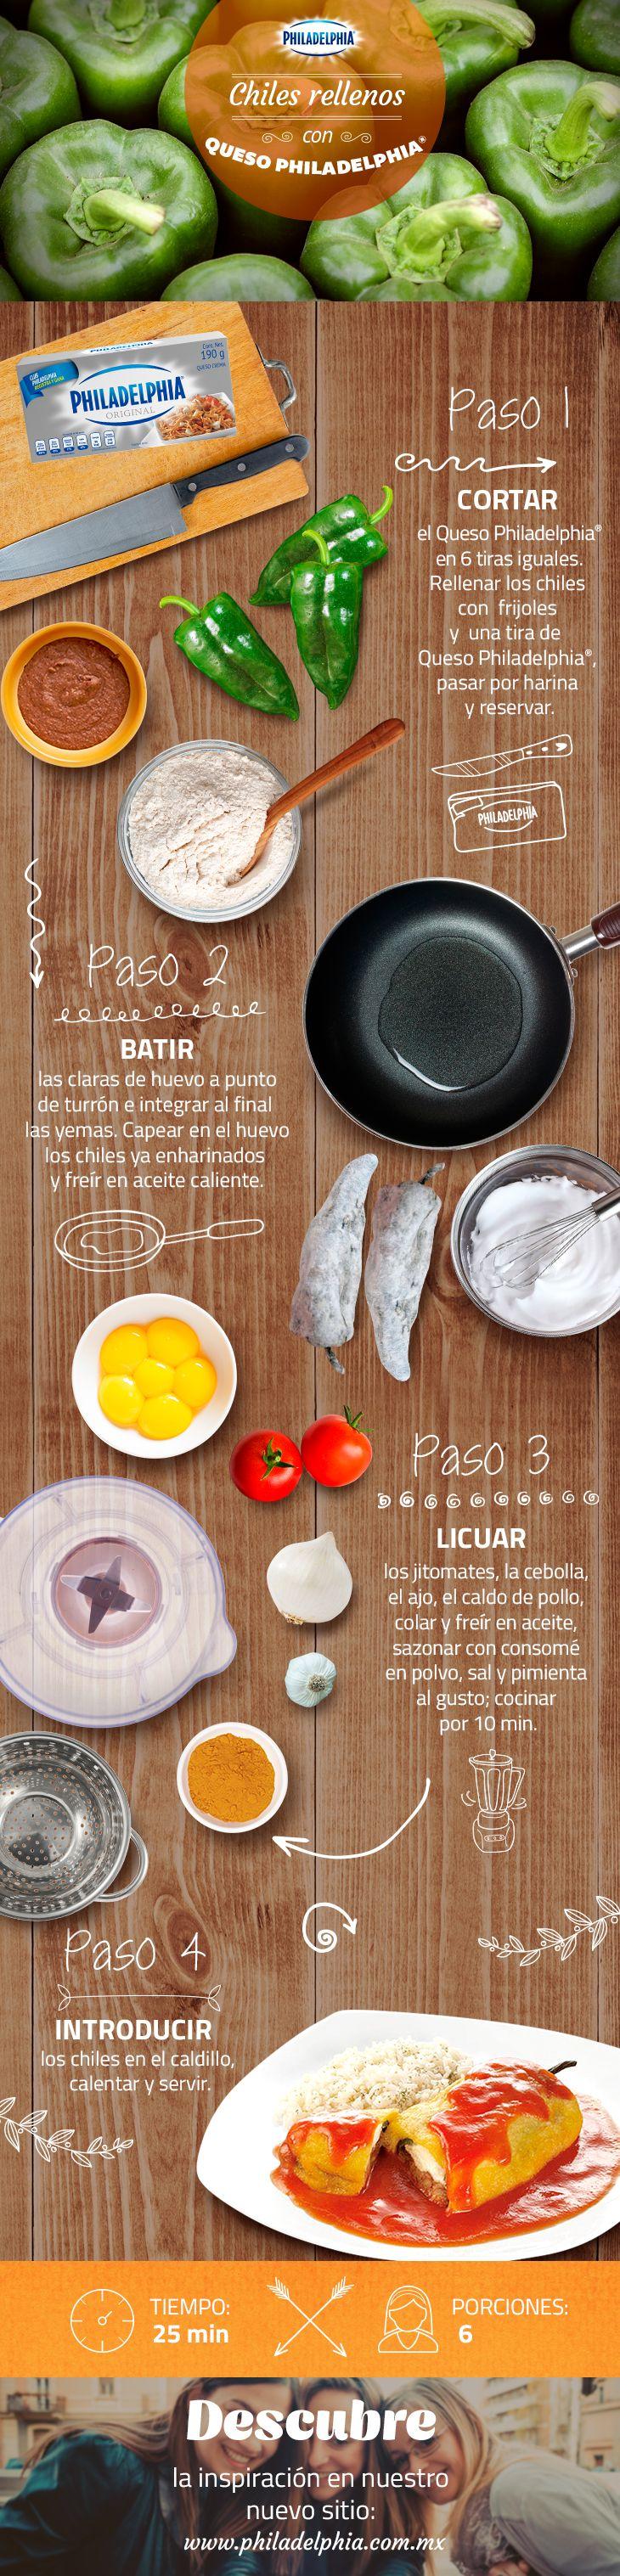 Prueba el inigualable sabor de estos Chiles rellenos con Queso Philadelphia®, te encantarán.